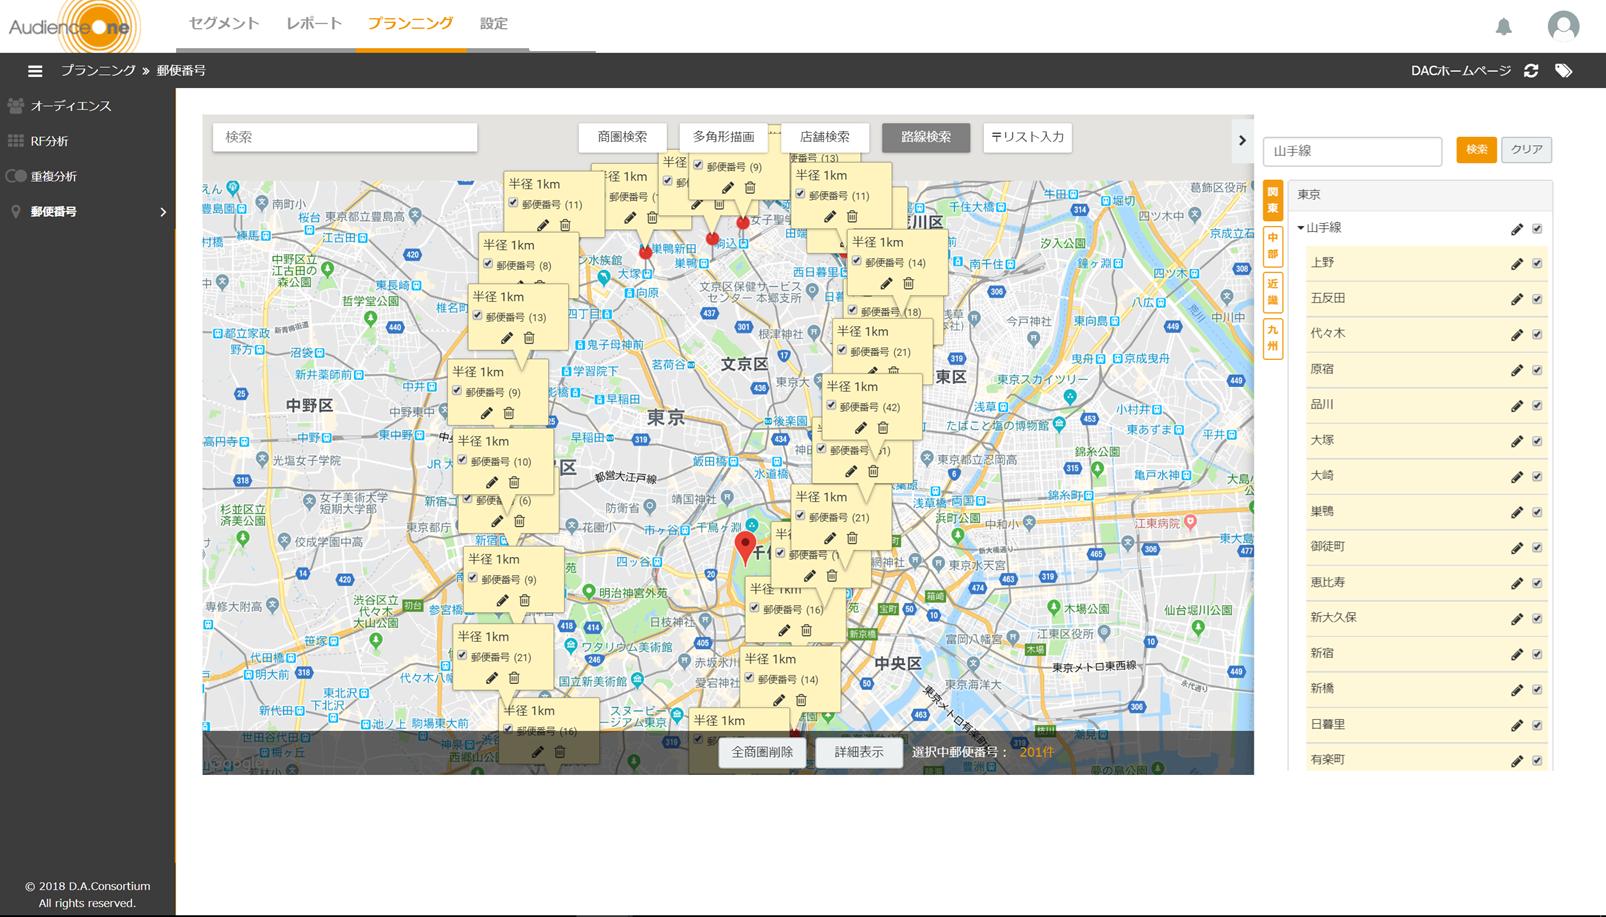 aone-location-segment-image4